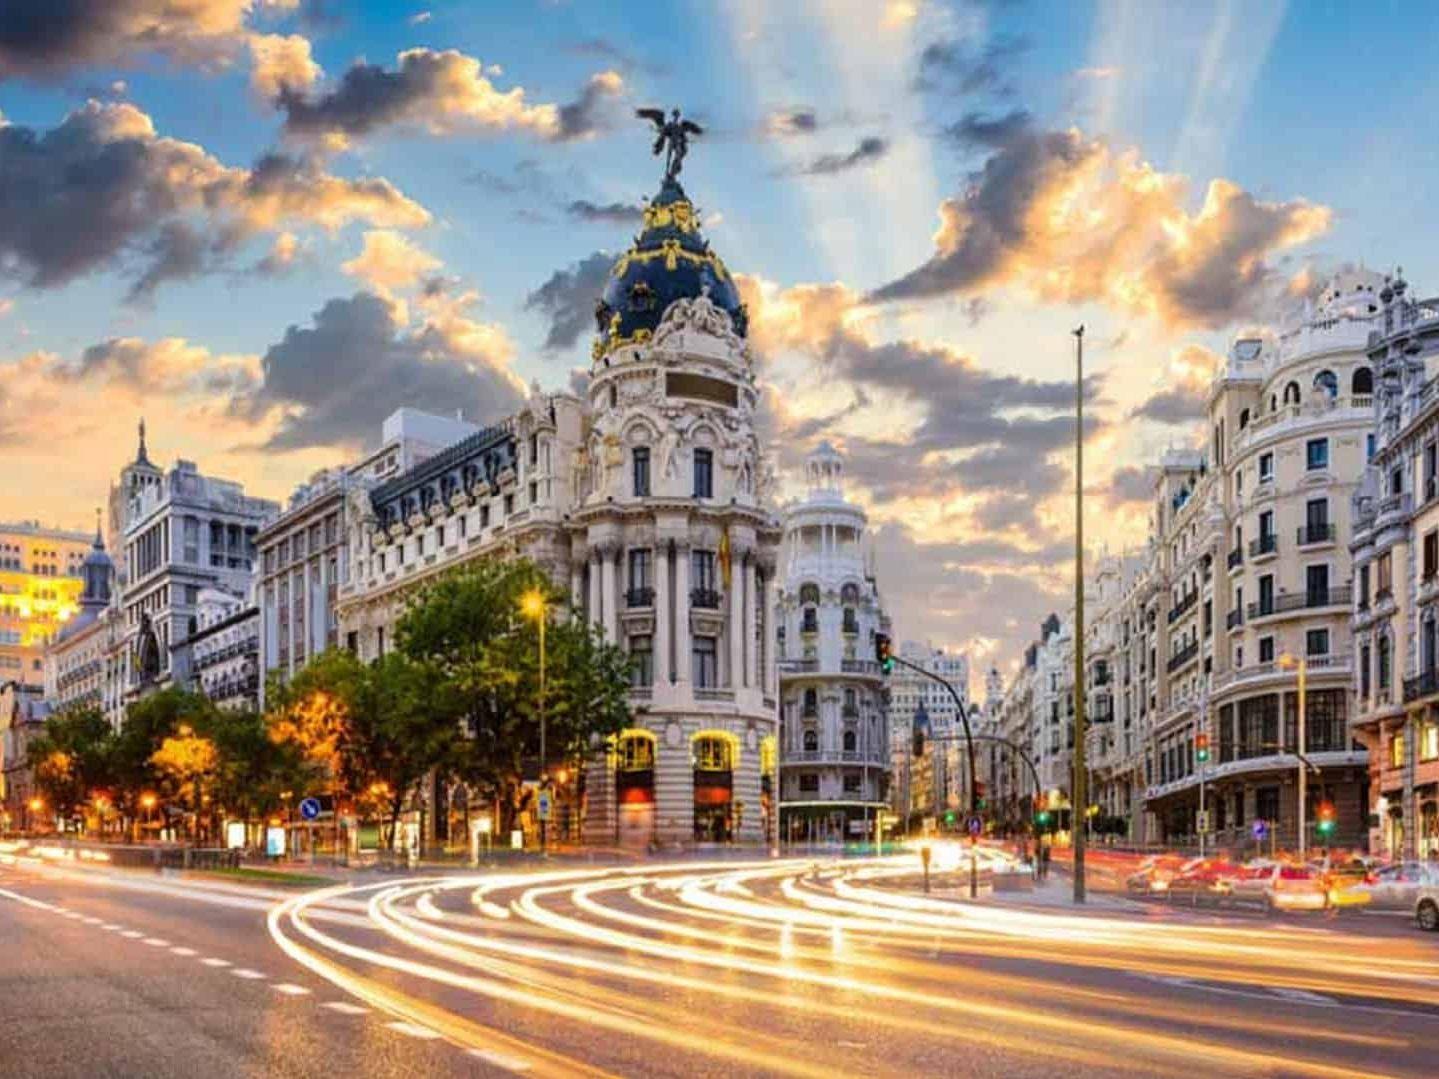 Ara Tatil İspanya Krallığı Turu Pegasus İle (Barcelona gidiş – Madrid dönüş) 2020 Nisan